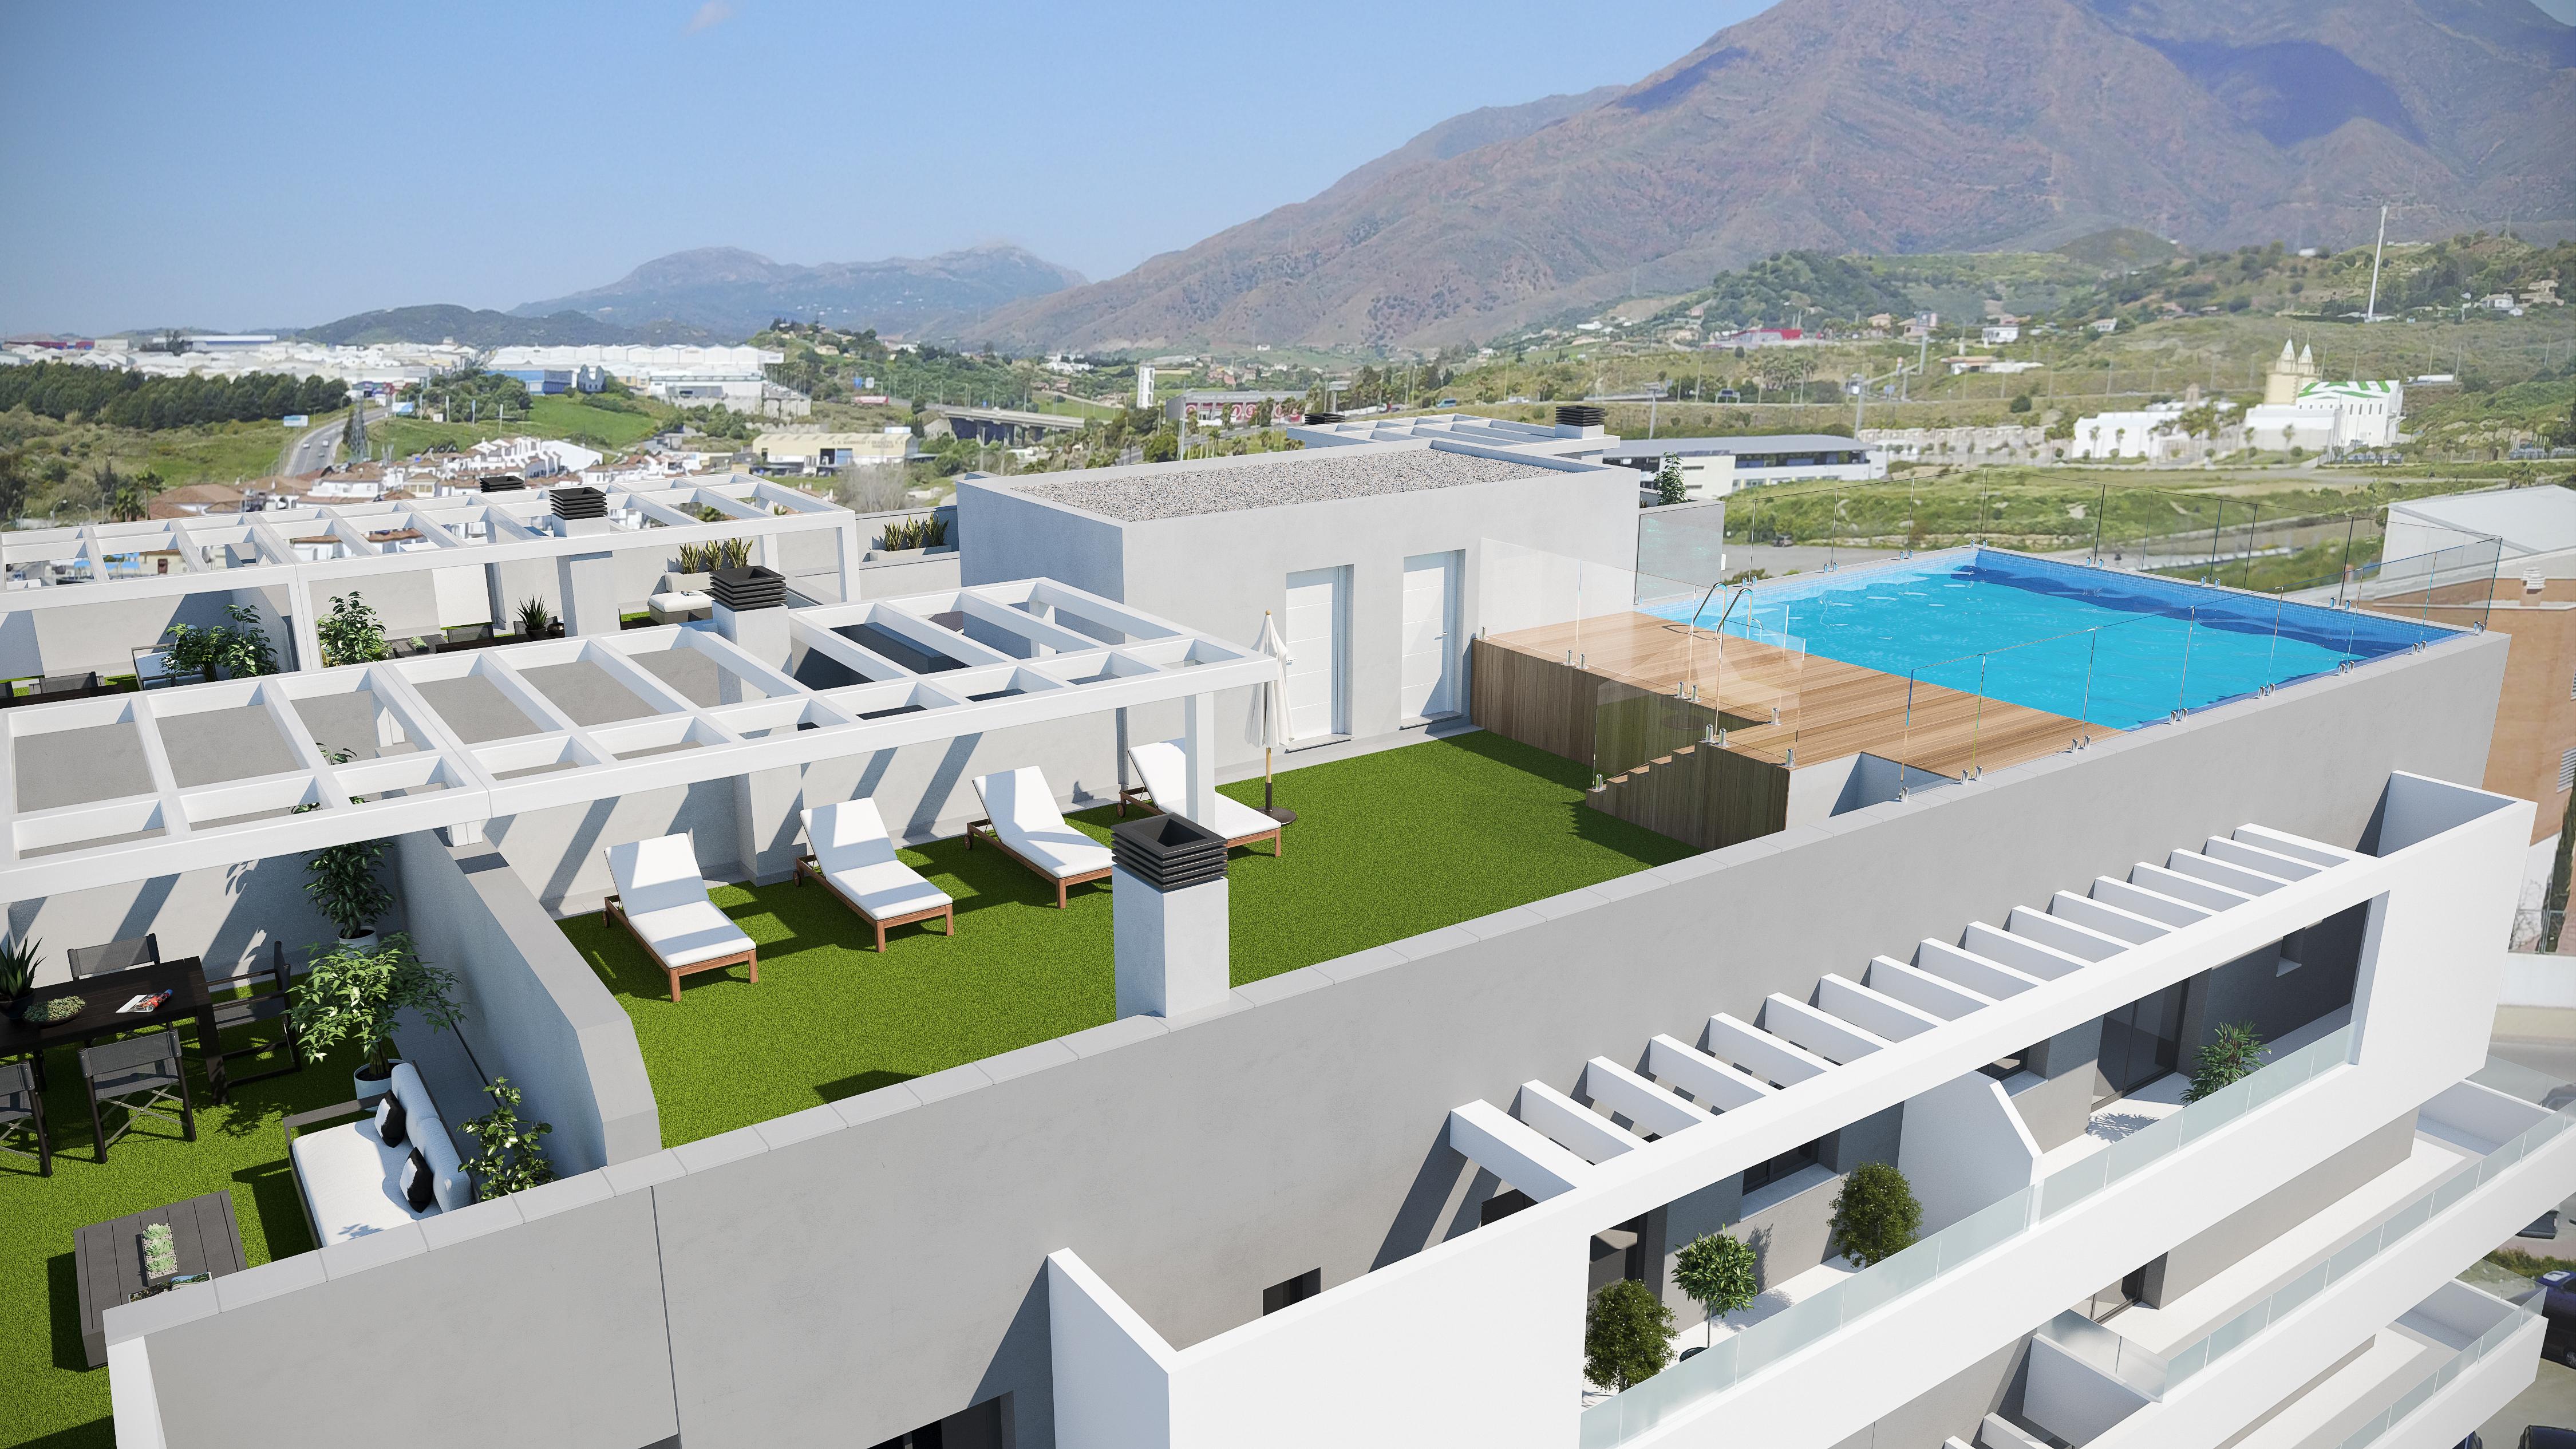 Edificio parque inmobiliaria en benalm dena marbella y for Piscinas cubiertas malaga